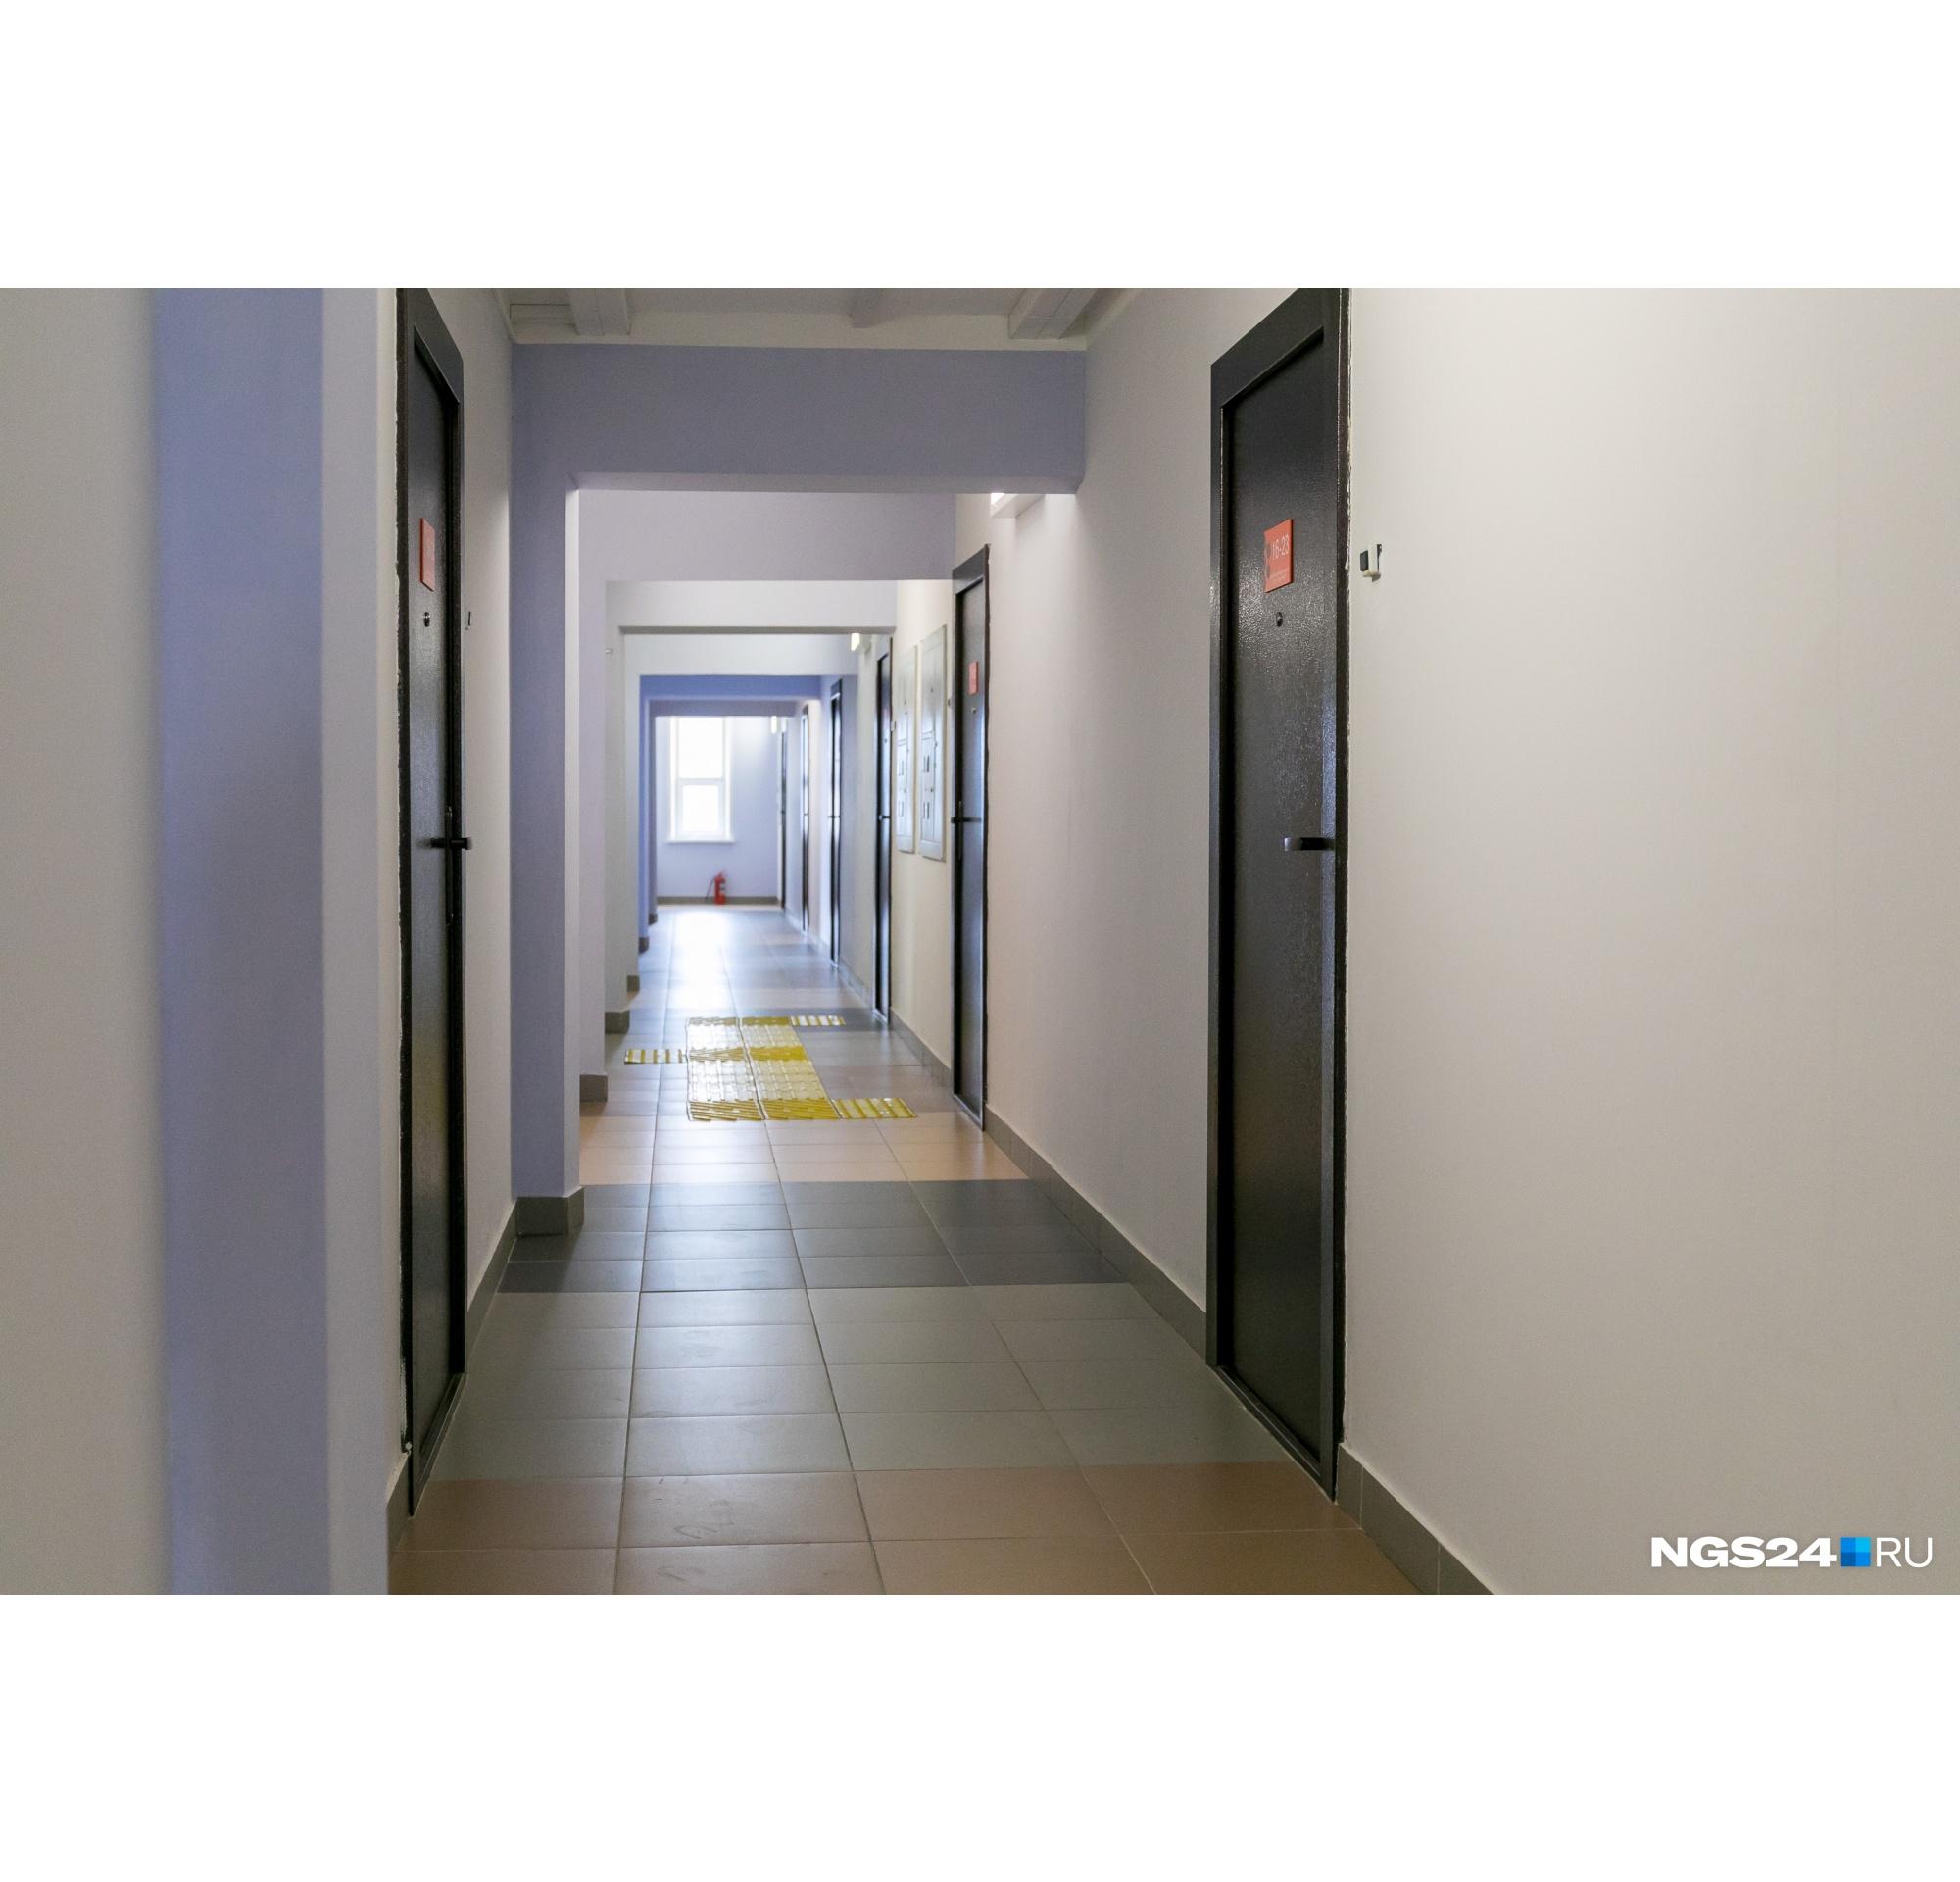 В коридорах уложена тактильная плитка